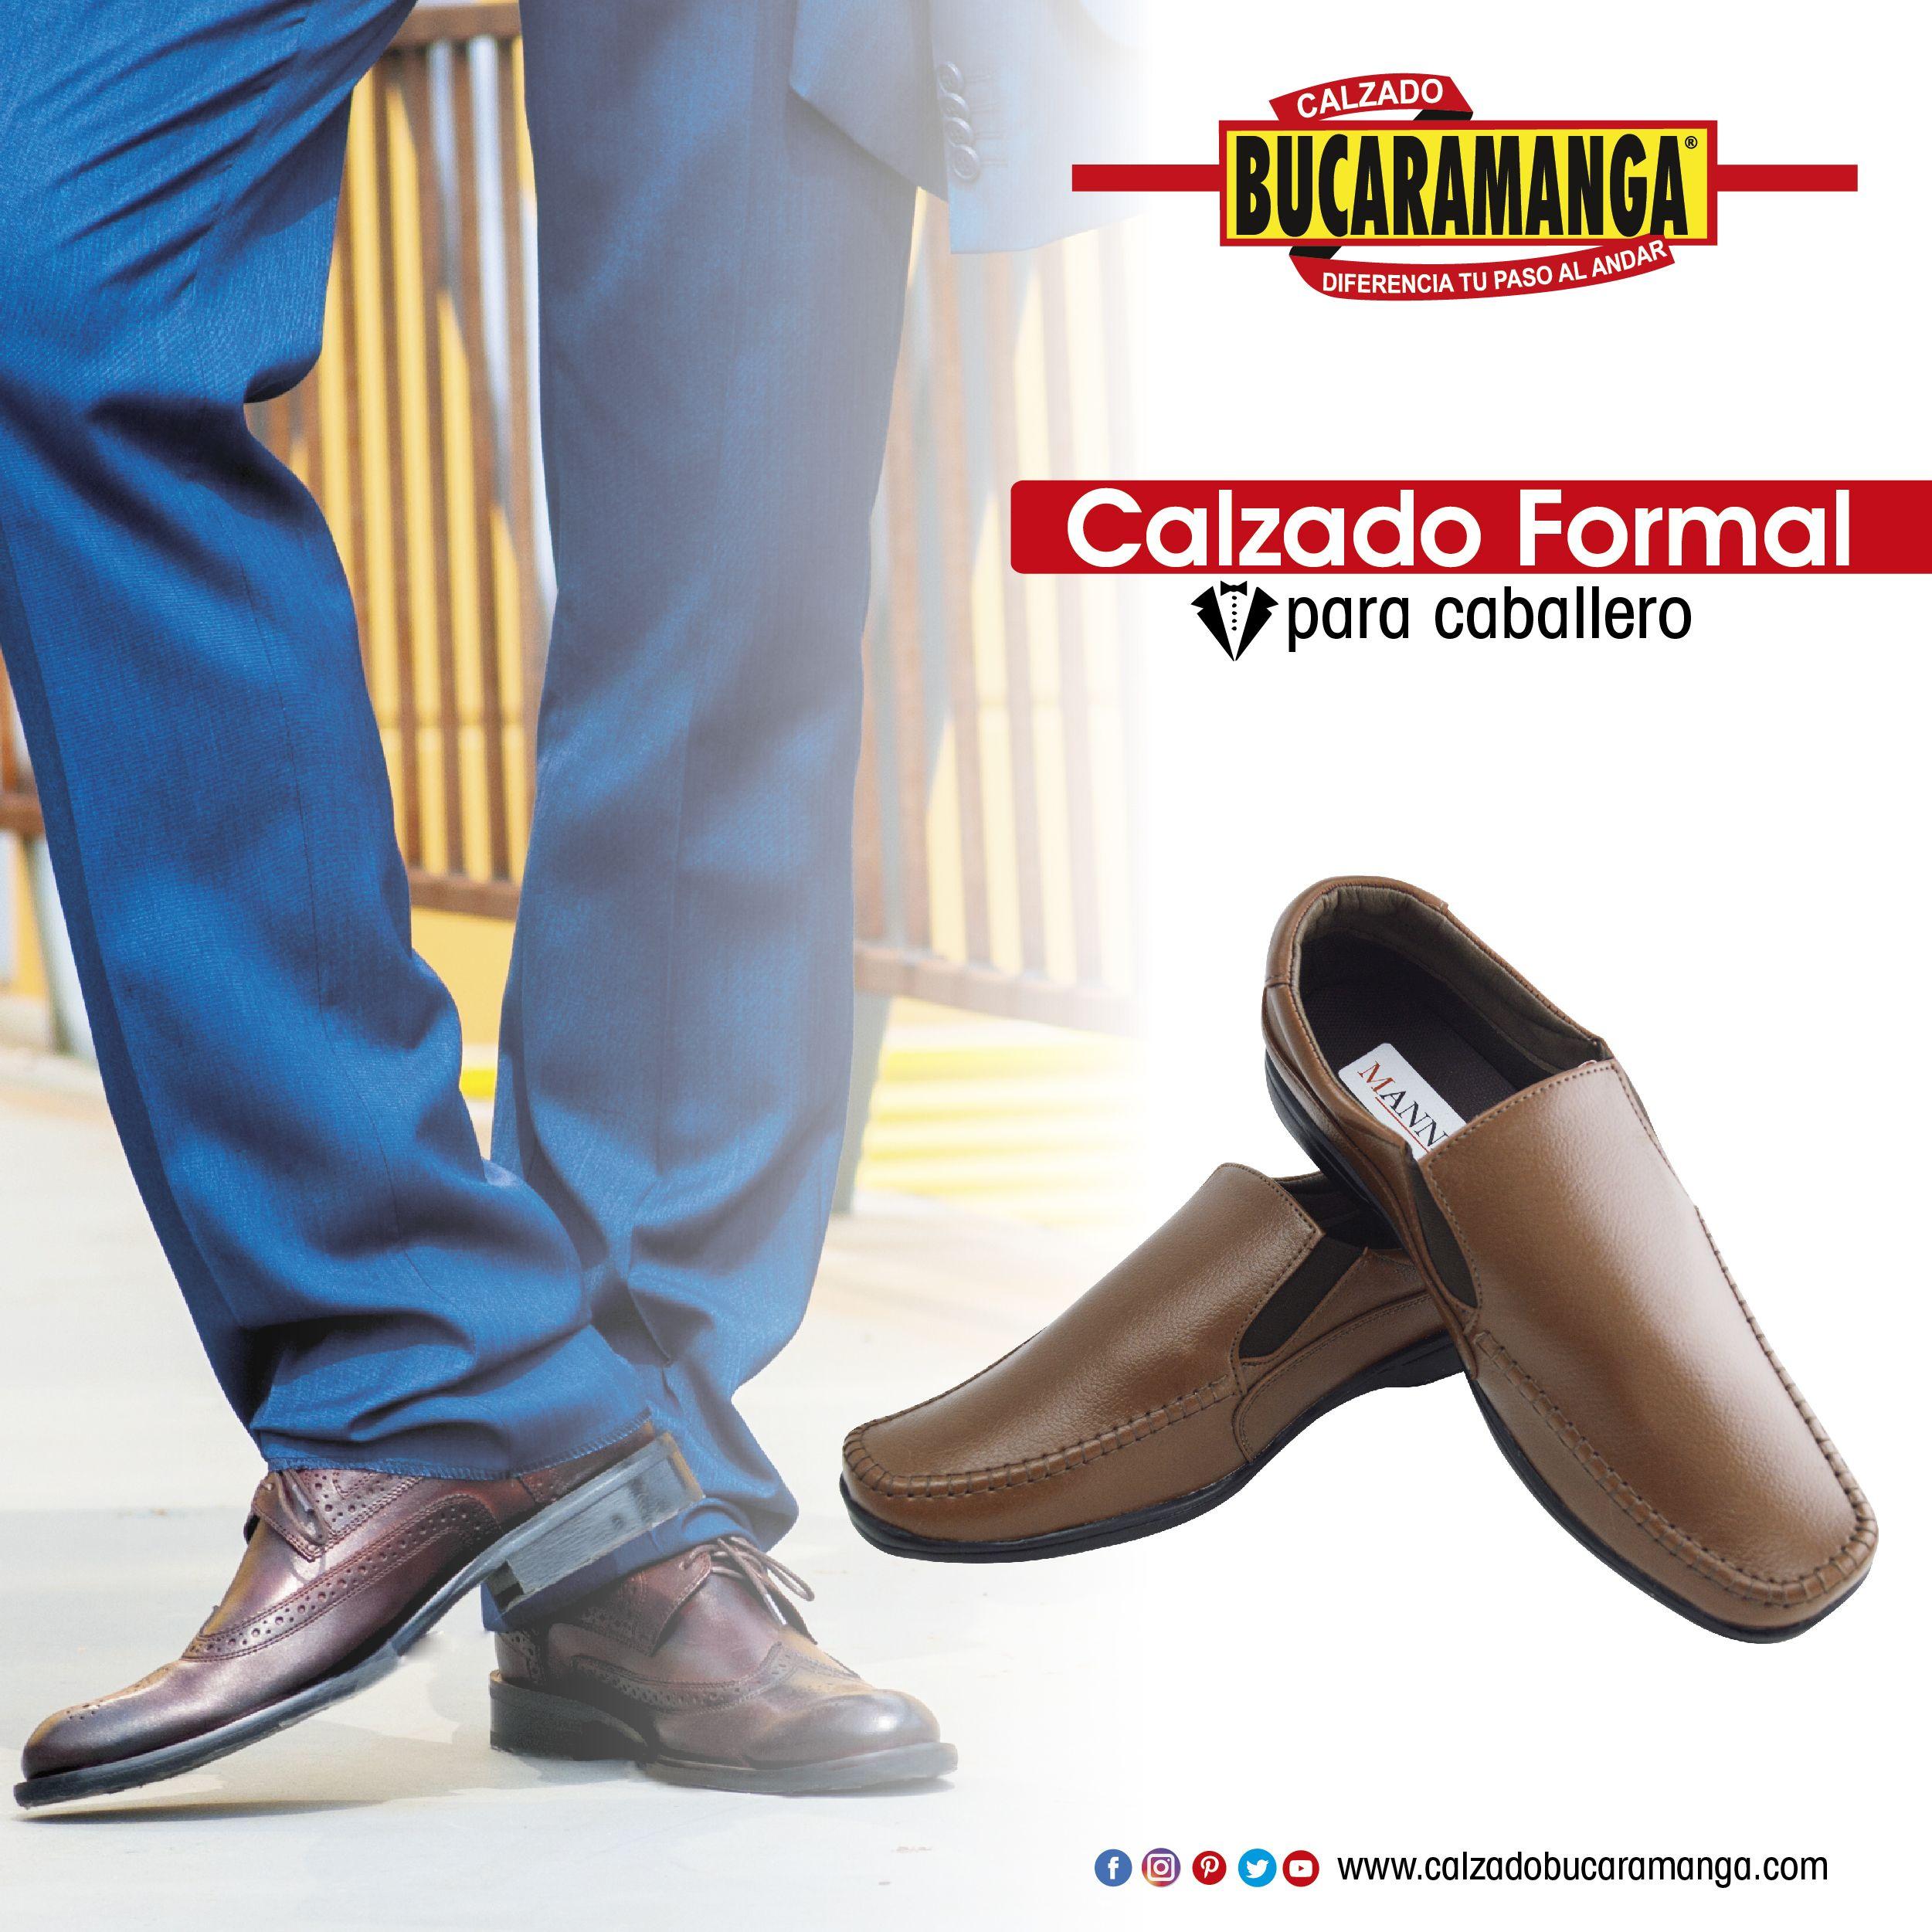 77e8e9f5b0c Los mejores modelos de  calzado para  caballero los consigues en Calzado  Bucaramanga 👞 🖥